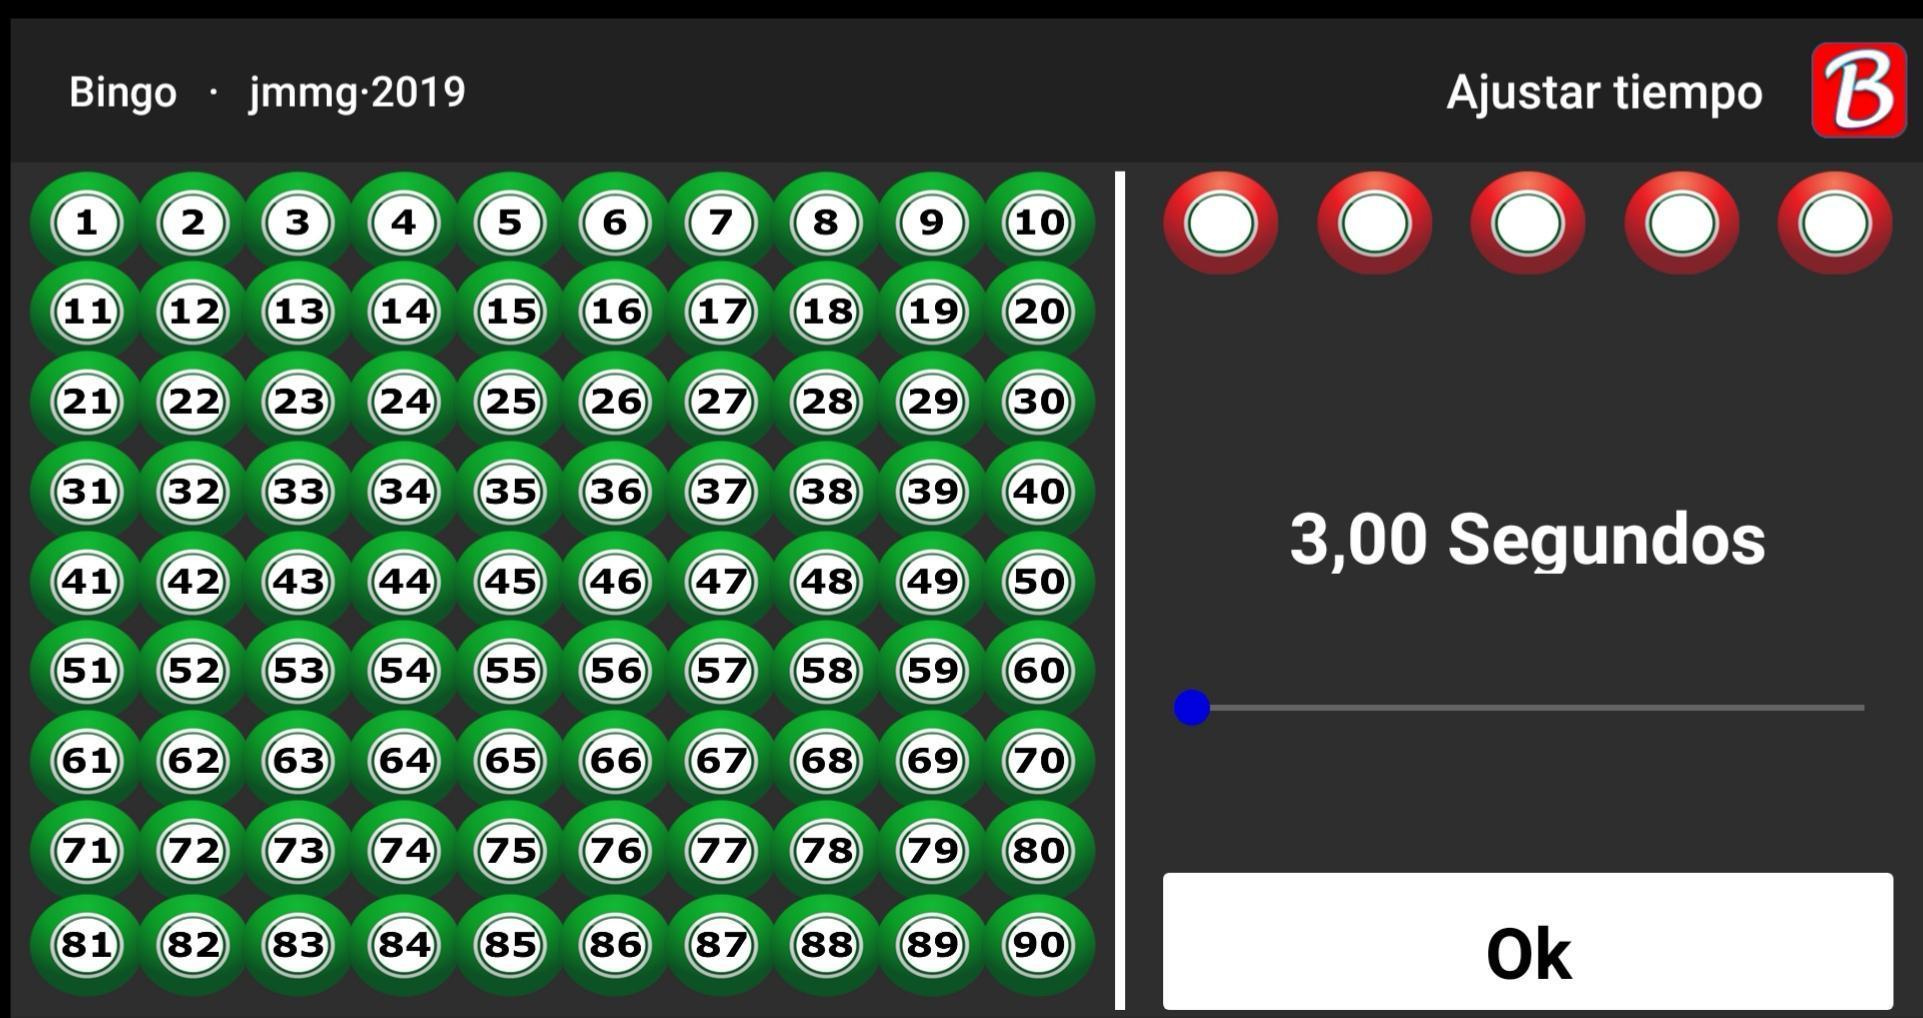 Jugar al BingO - Números del Bingo. 4 تصوير الشاشة